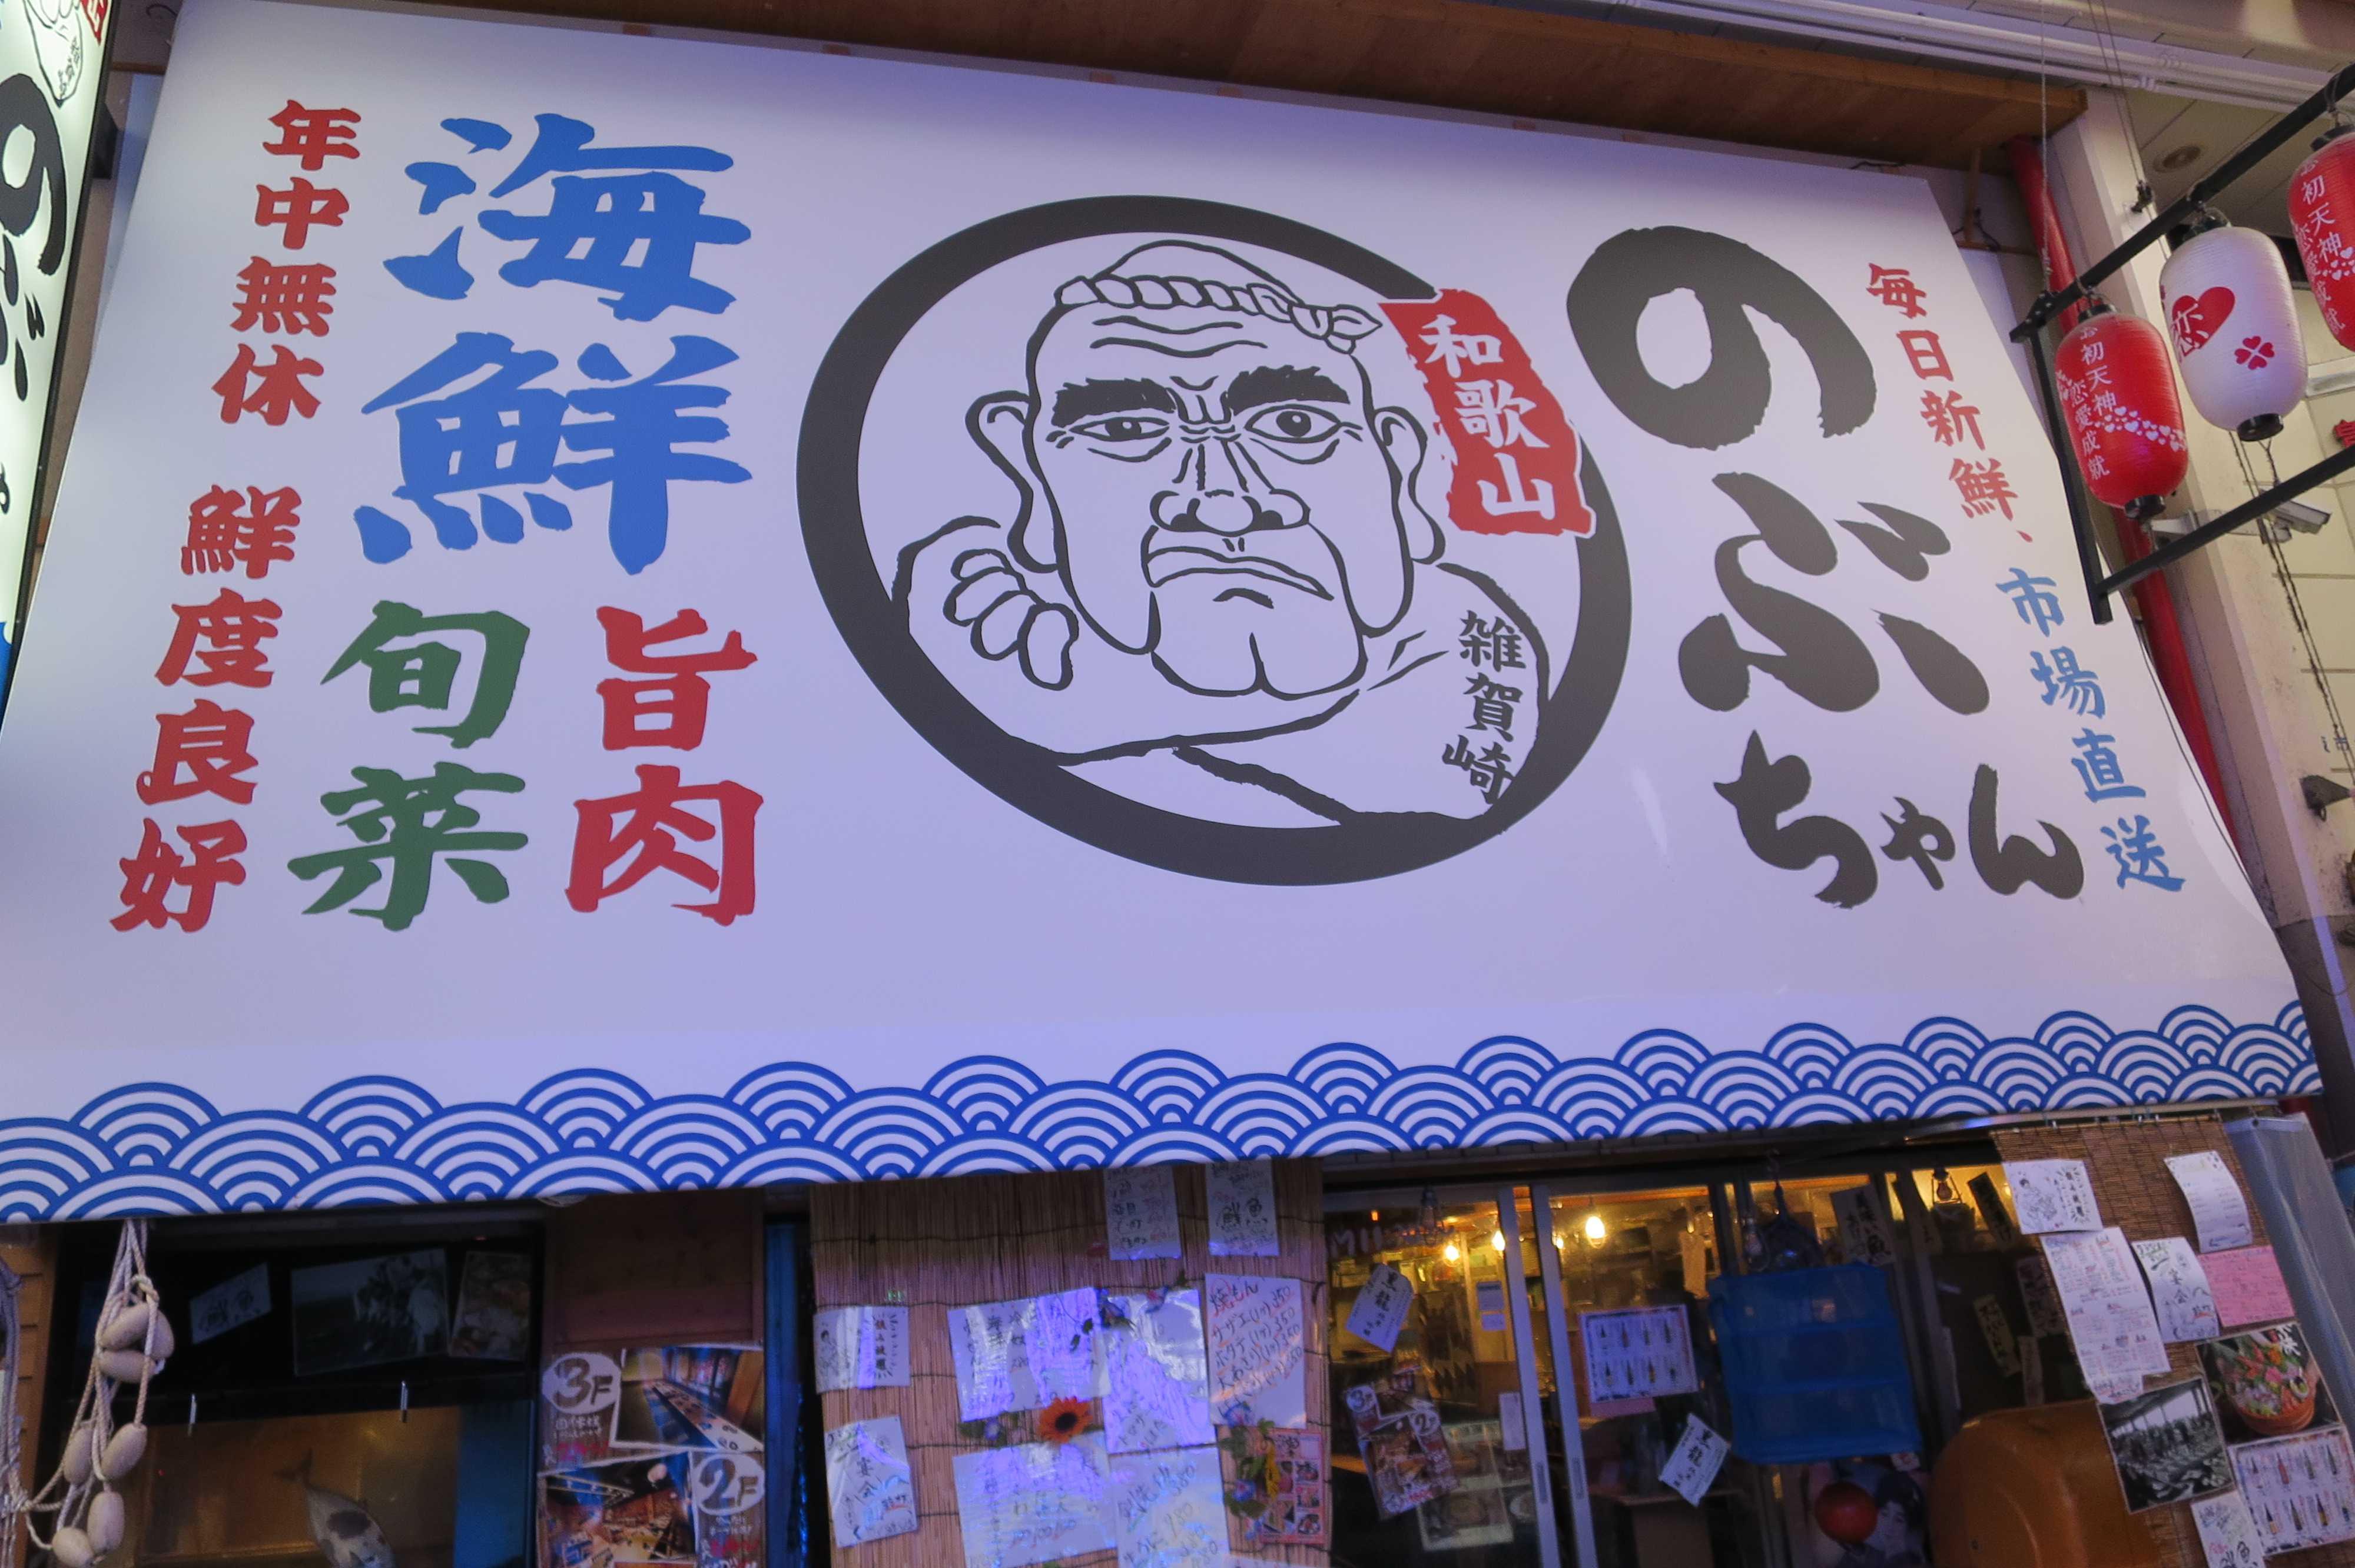 曽根崎お初天神通り商店街(おはてん)- のぶちゃん